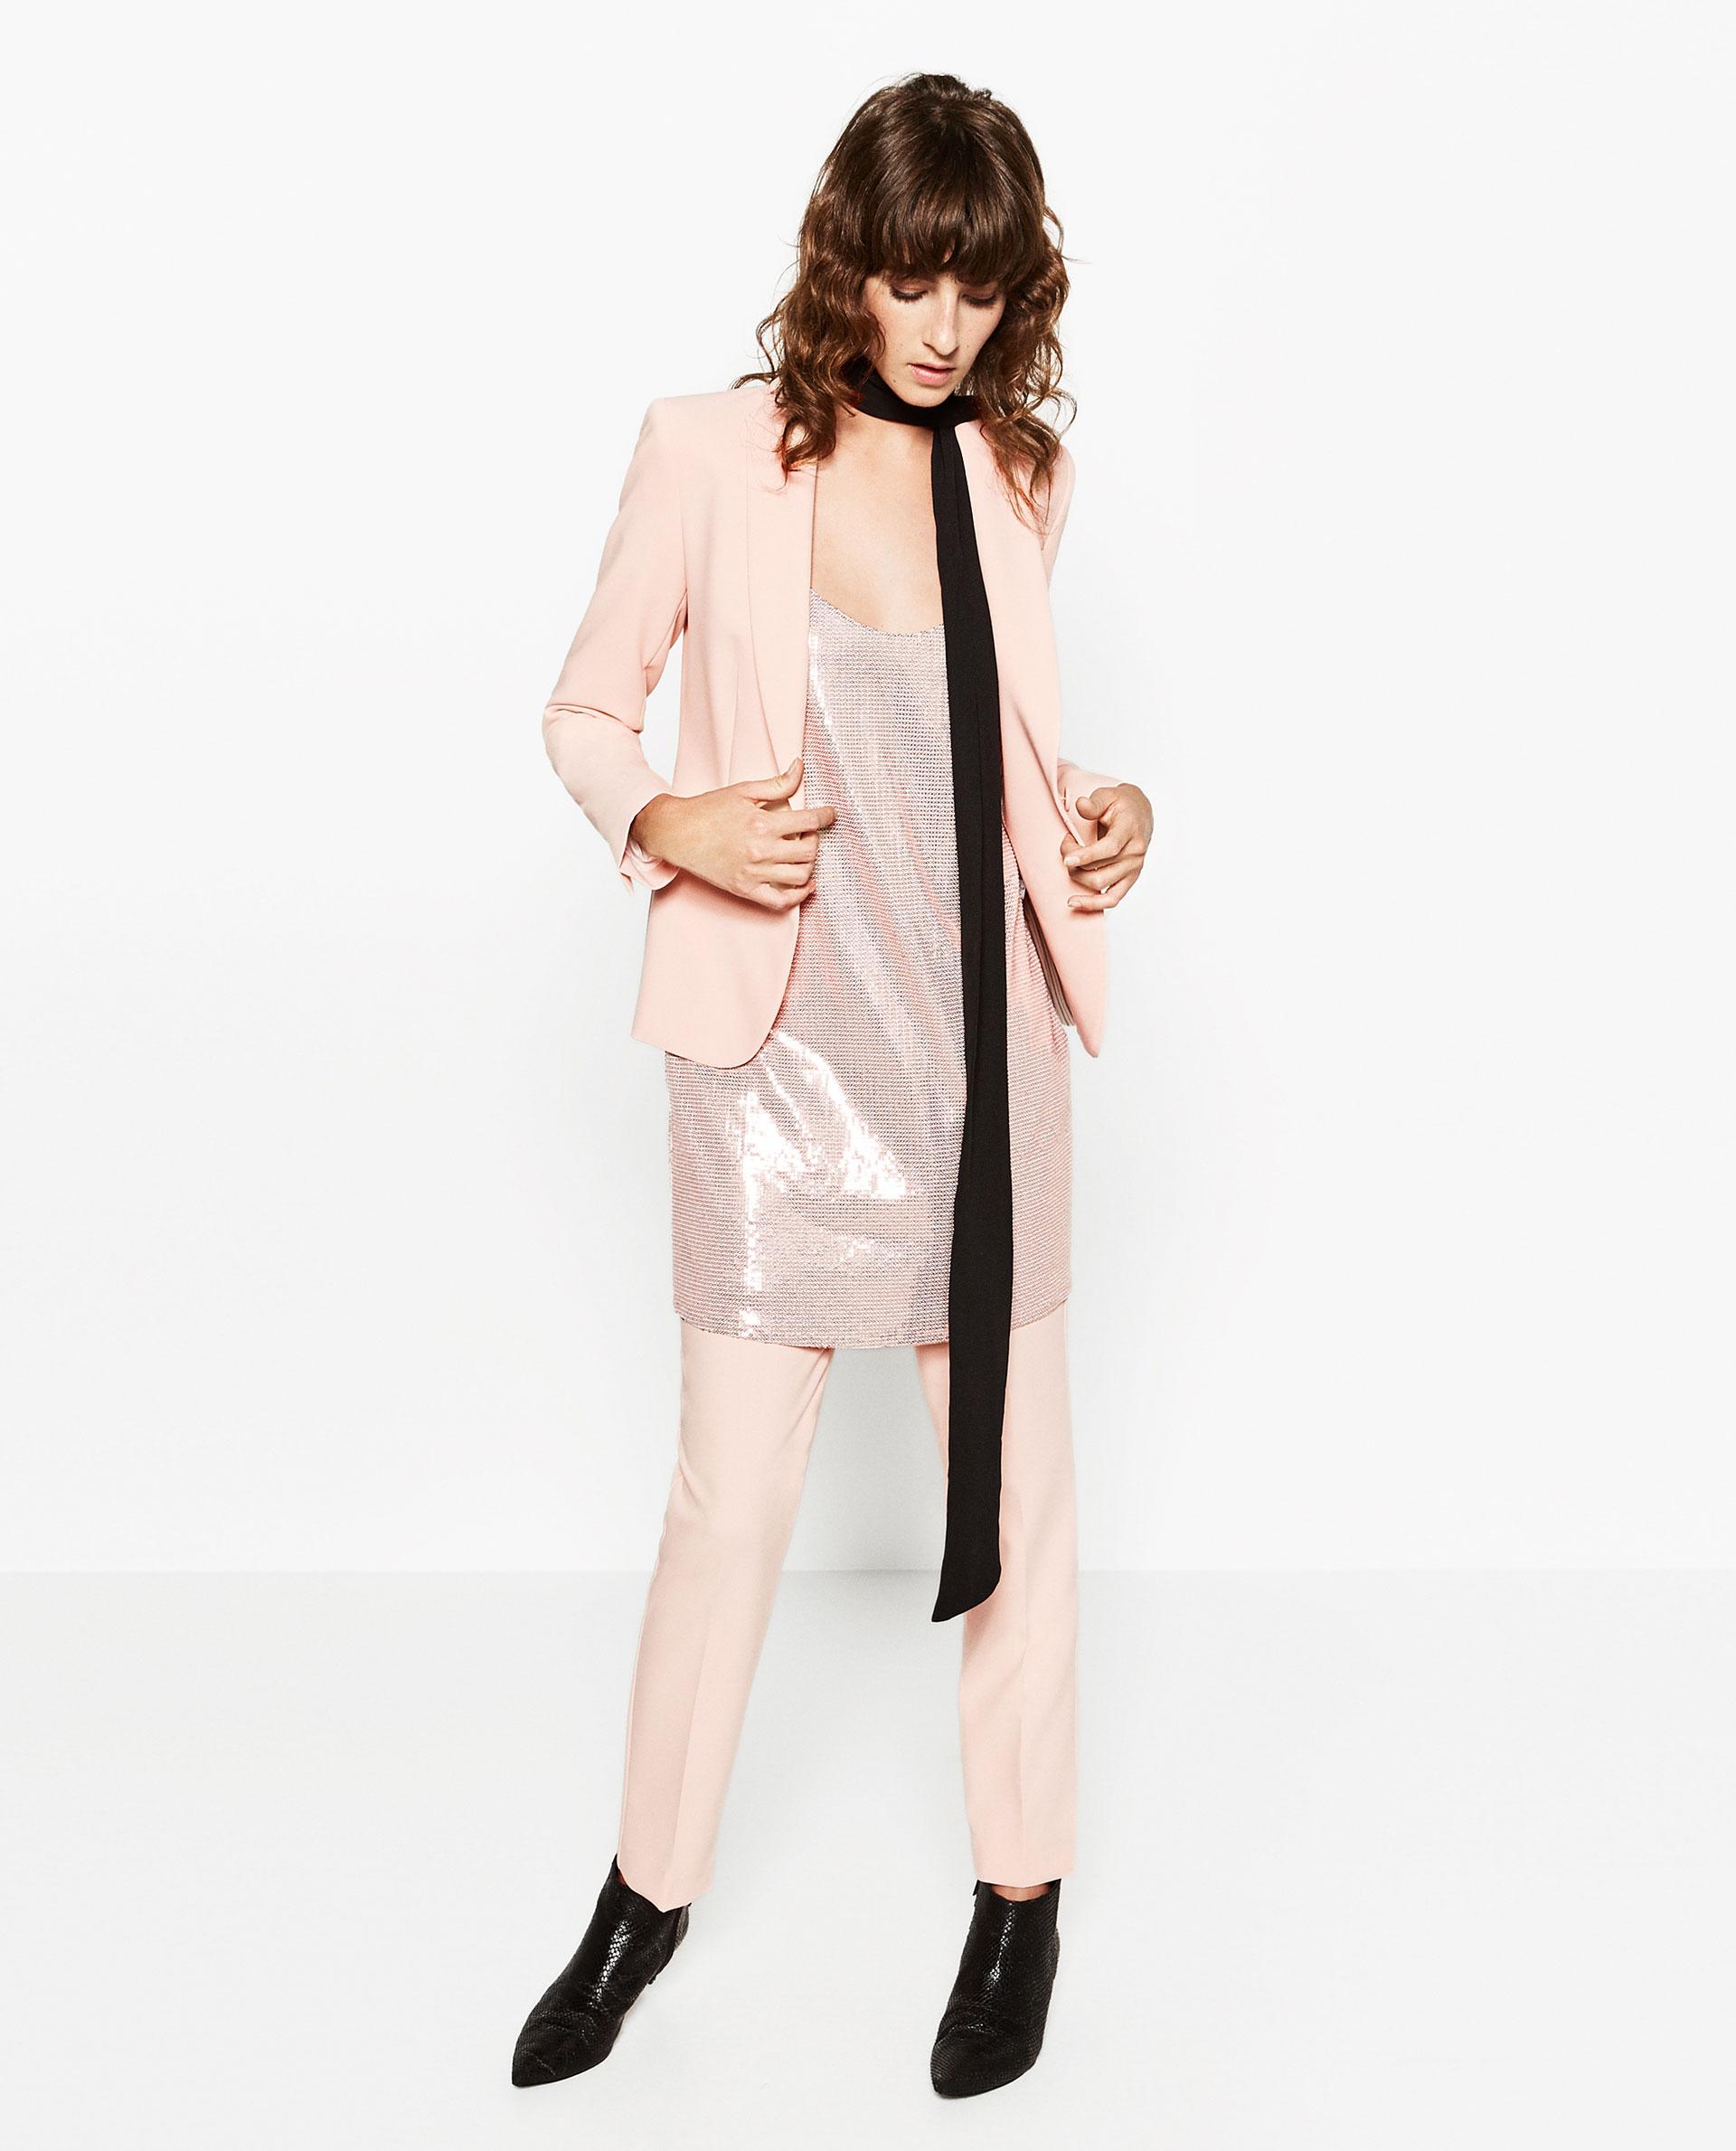 Rosa, fiocchi, metallic e strato su strato. Quanti trend in questo look!